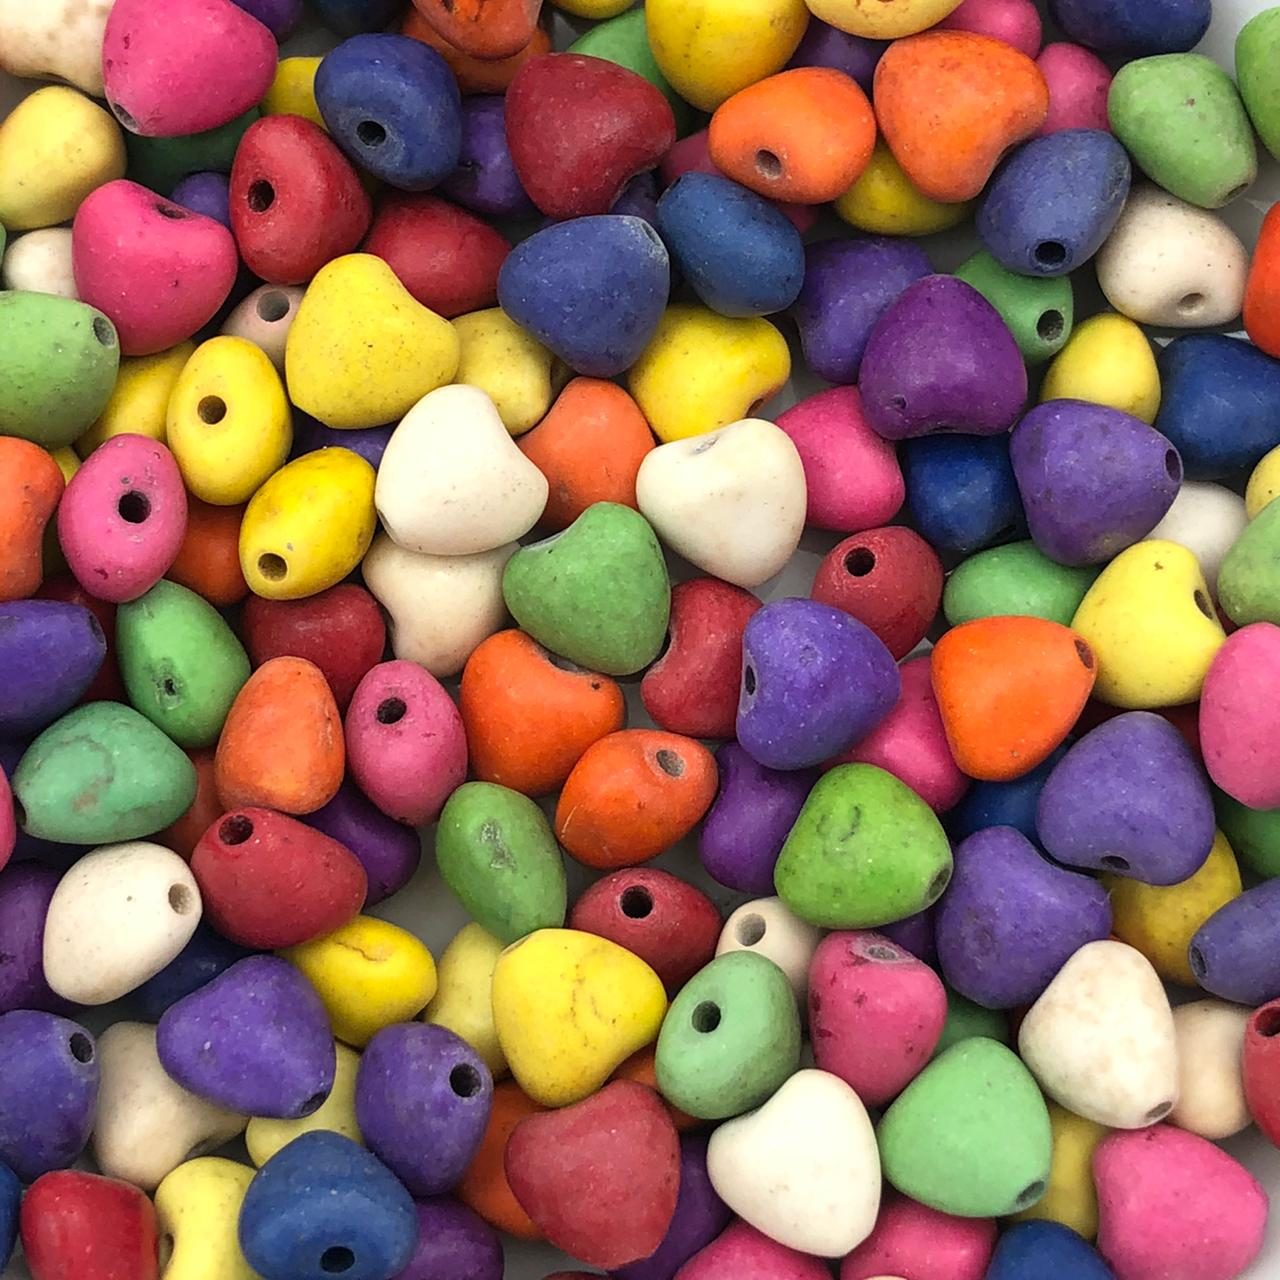 PN115 - Coração Pedra Natural Howlita Colorida 8mm - 10Unids